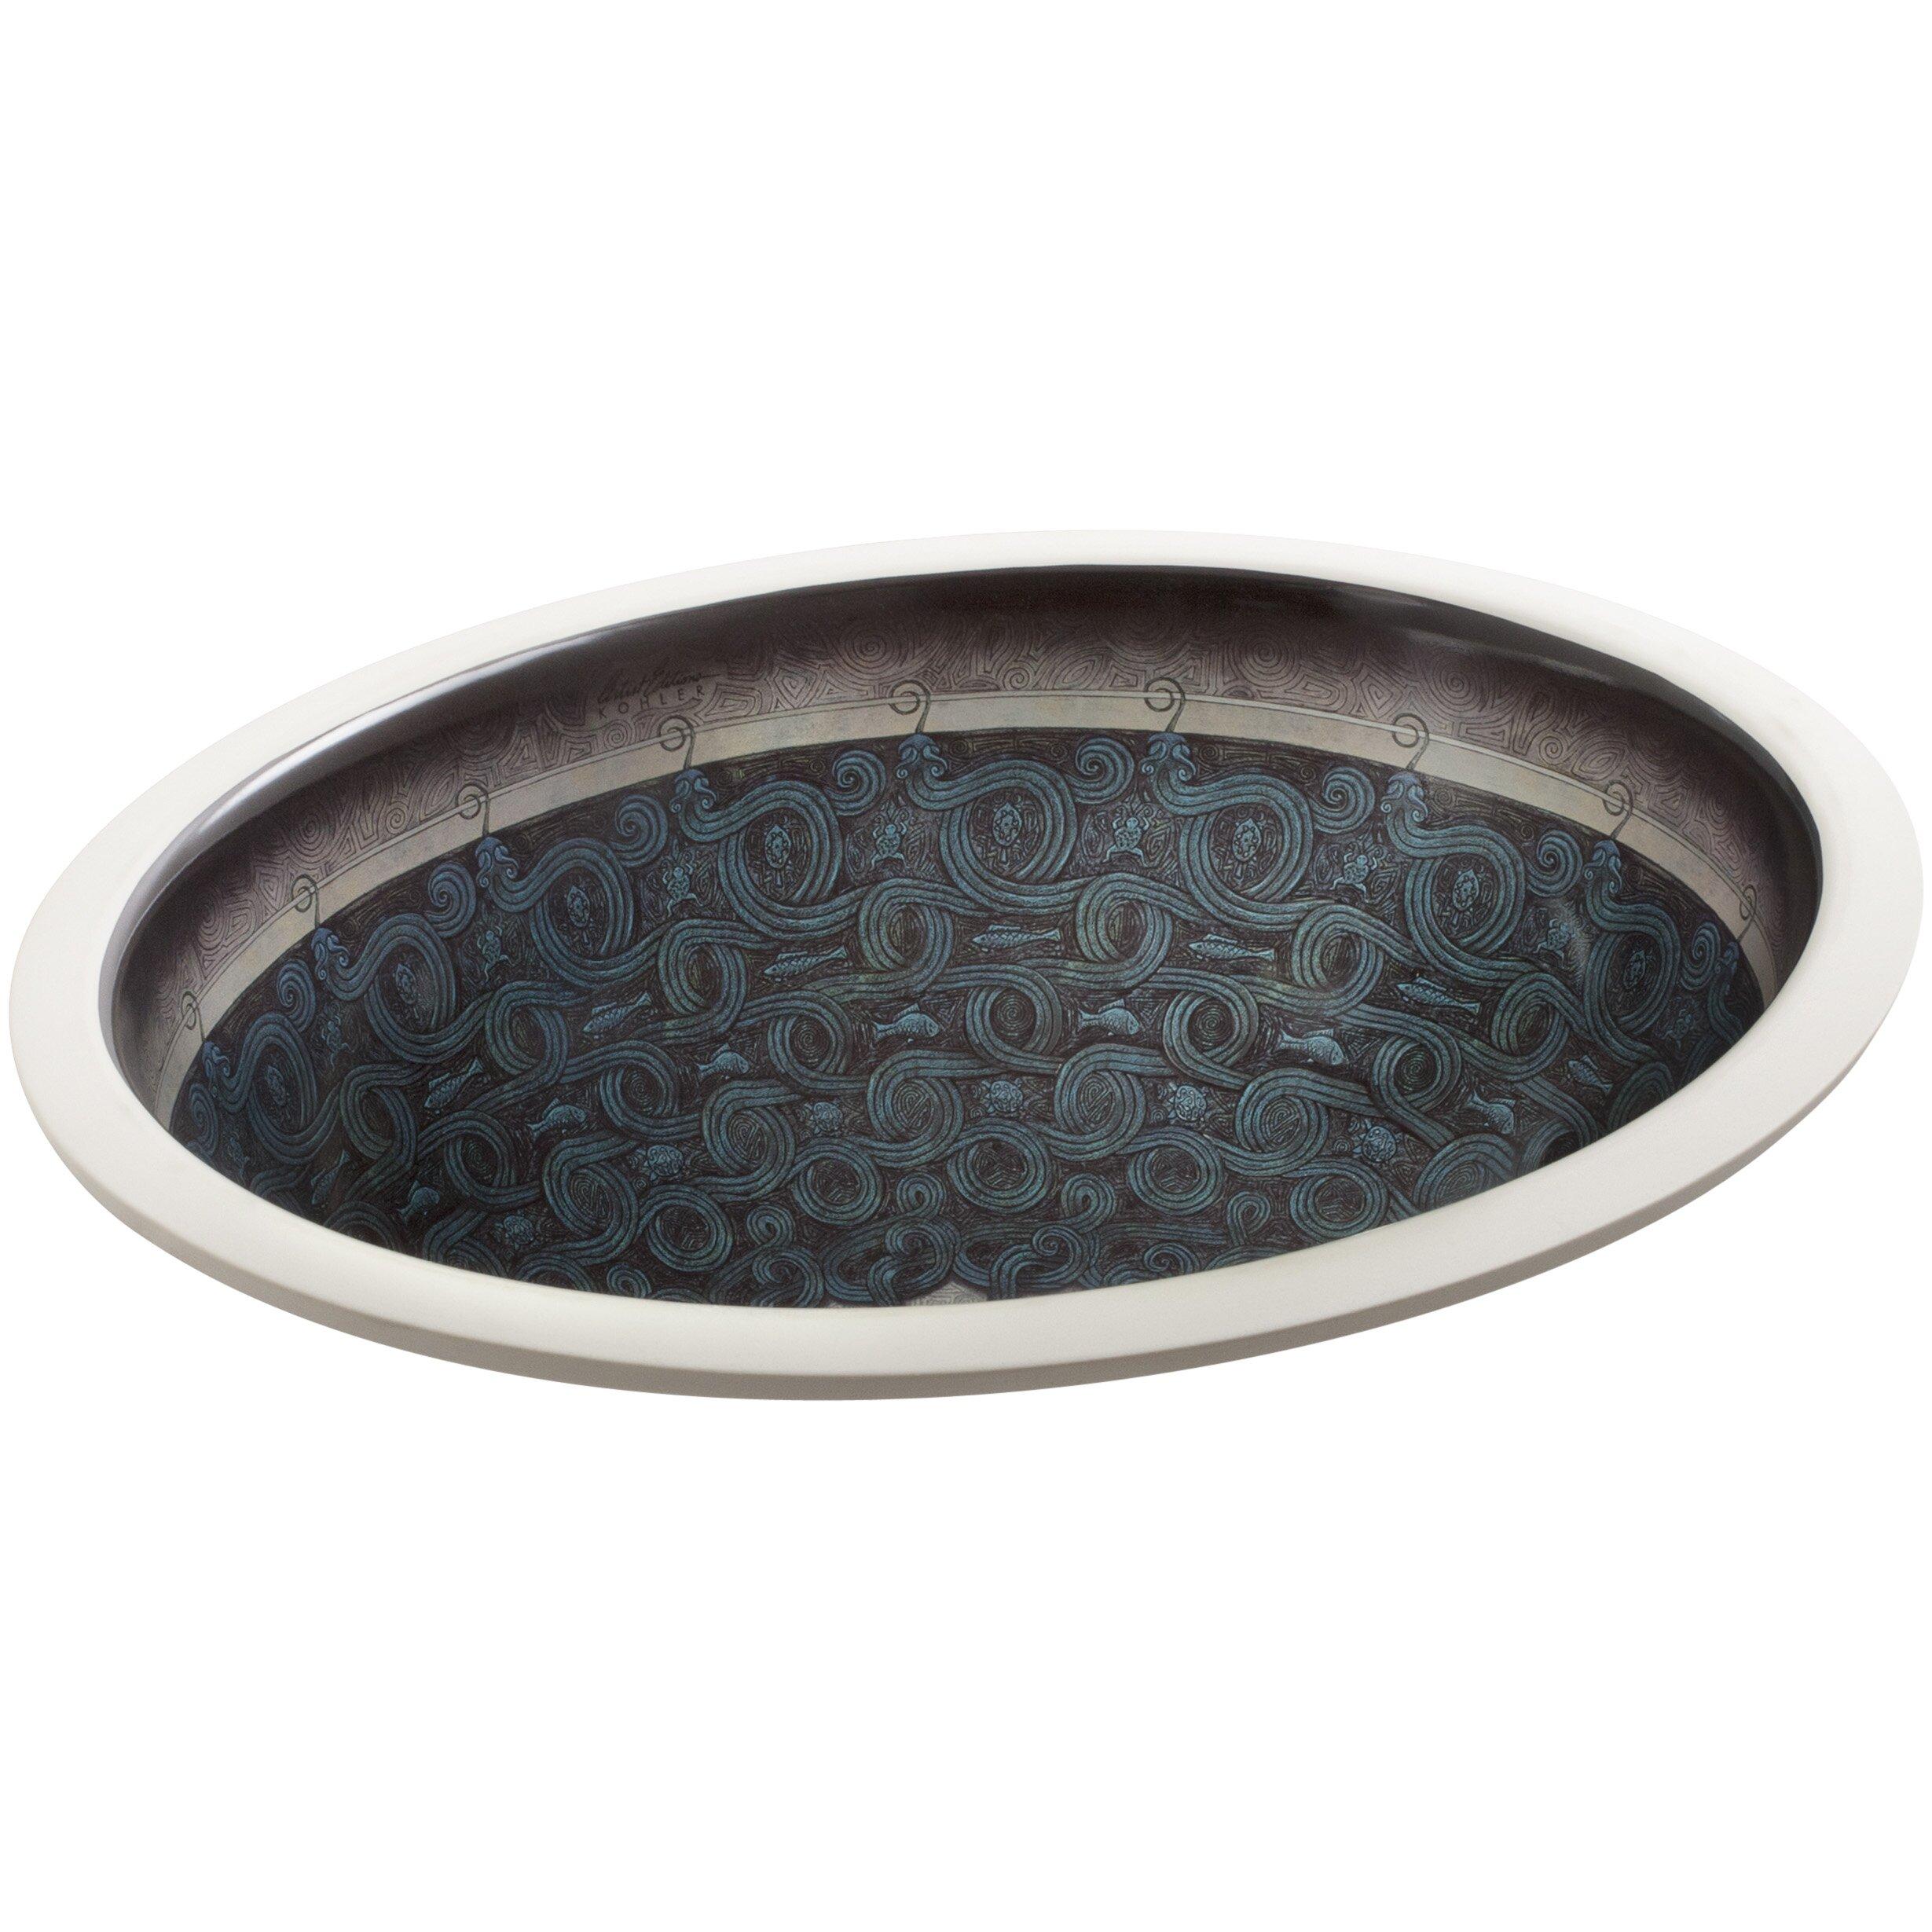 Serpentine Bronze Design On Caxton Undermount Bathroom Sink Wayfair